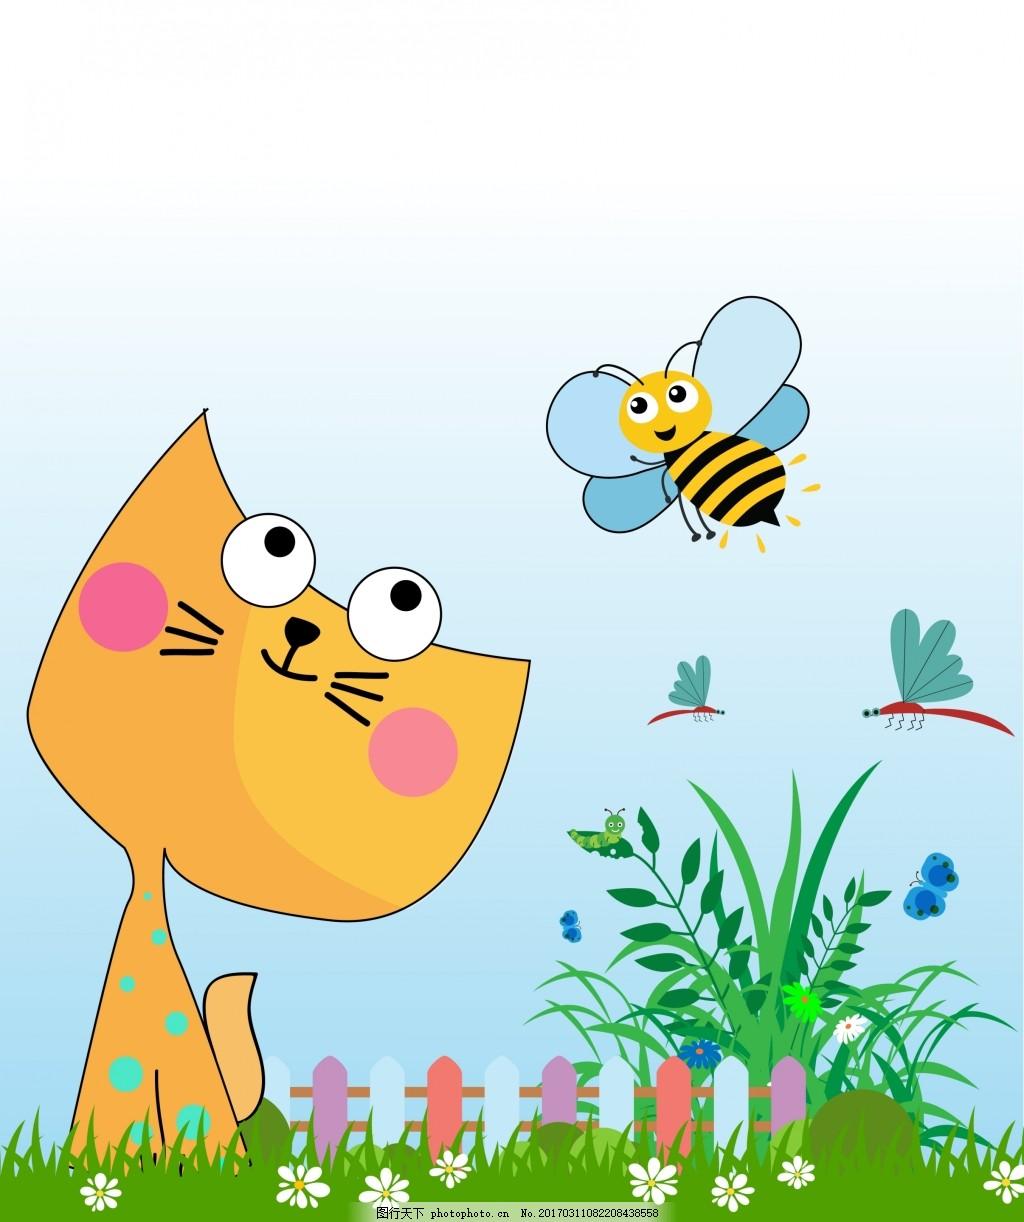 可爱儿童插画 儿童插画 可爱插画 猫咪 小猫 蜜蜂 矢量素材 篱笆 草丛